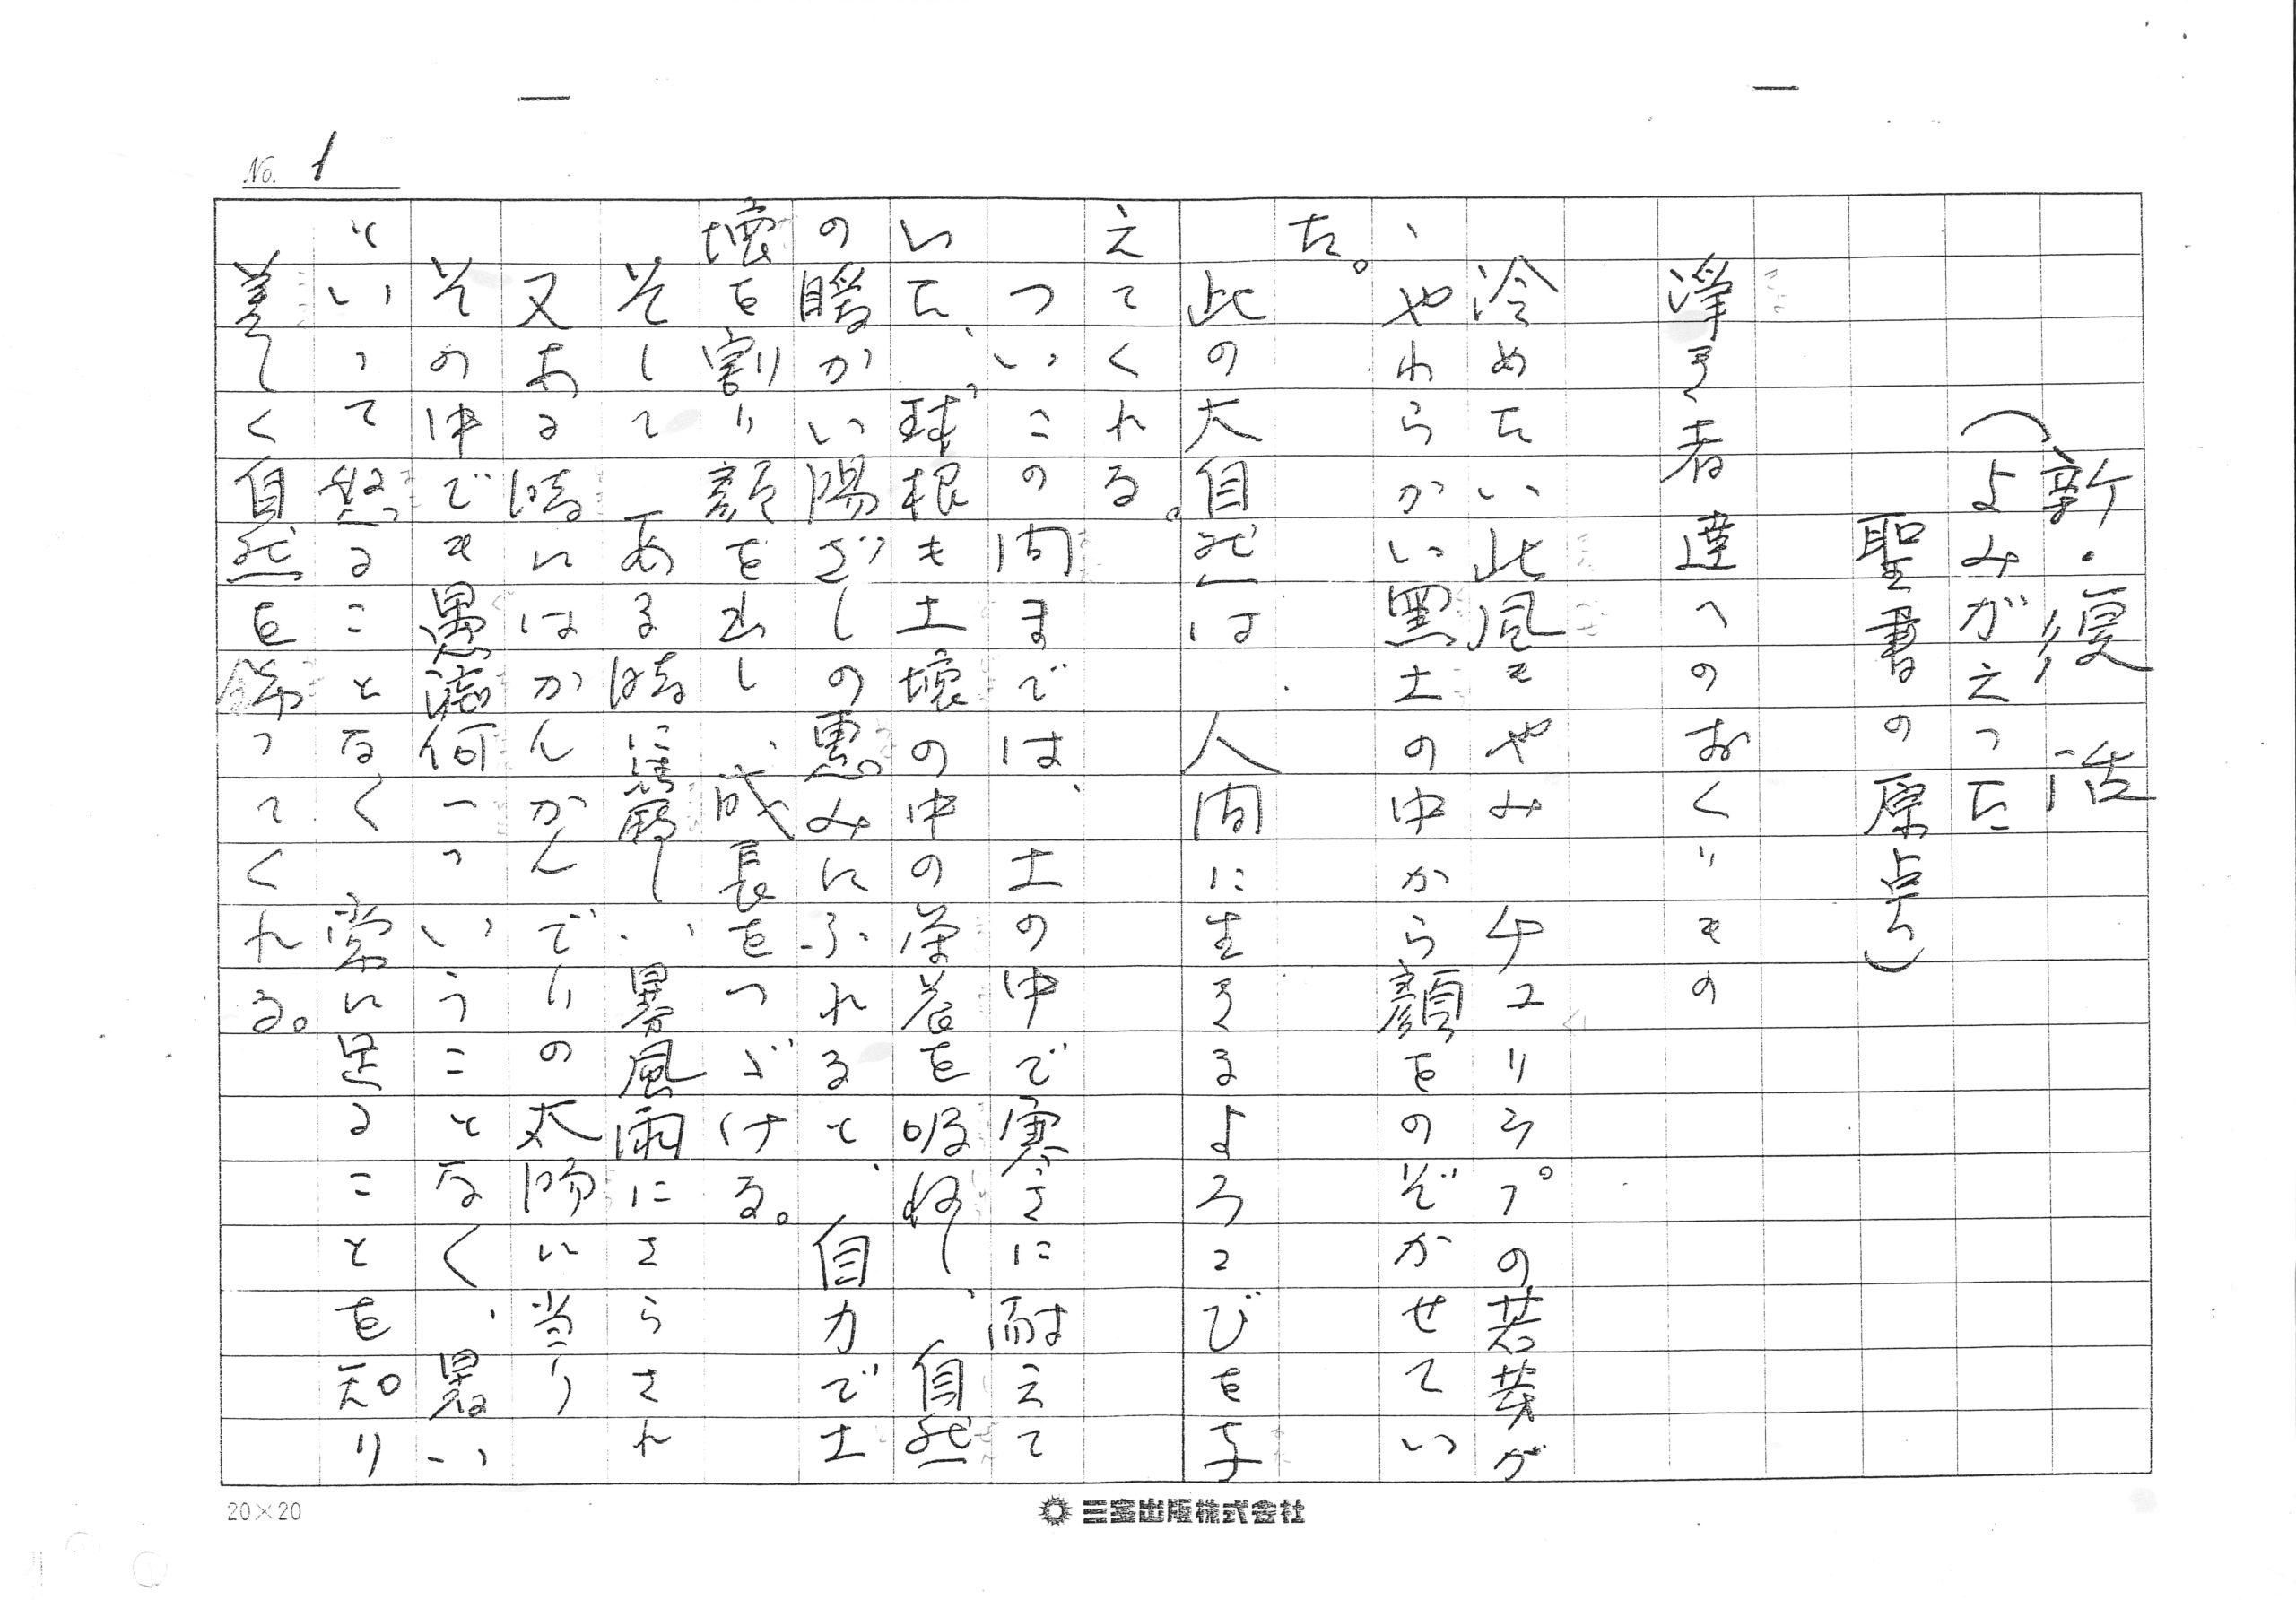 高橋信次先生の「新・復活」の原稿